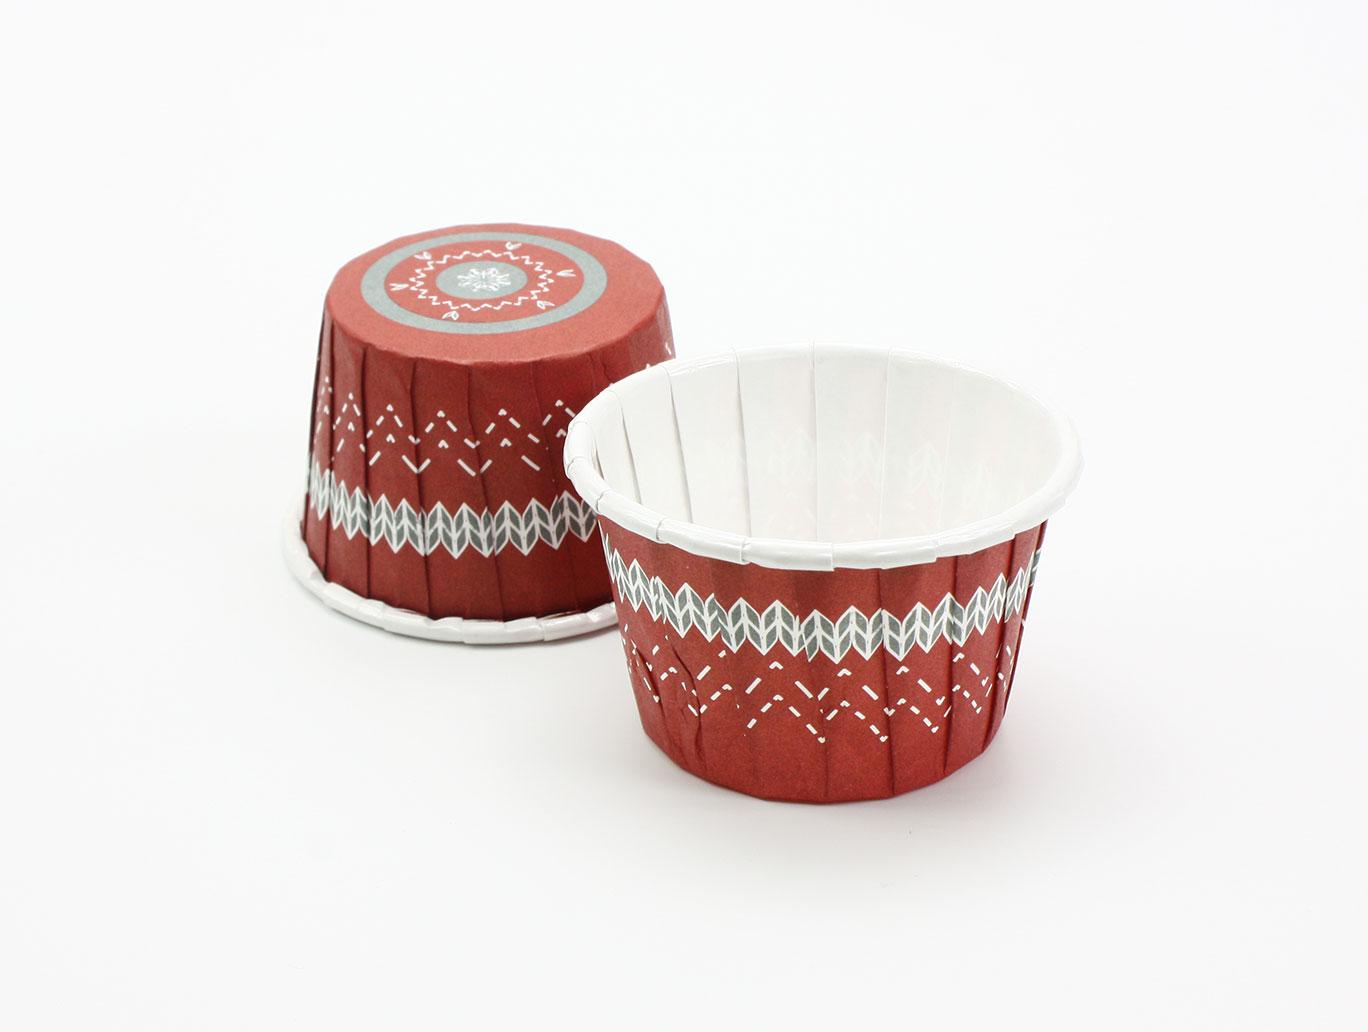 【PET4435】瑪芬杯、捲口杯、蛋糕紙杯、紙杯托、杯子蛋糕、百摺杯、堅口杯、烤箱用紙杯、耐高溫紙杯(時尚幾何)(100個/包)